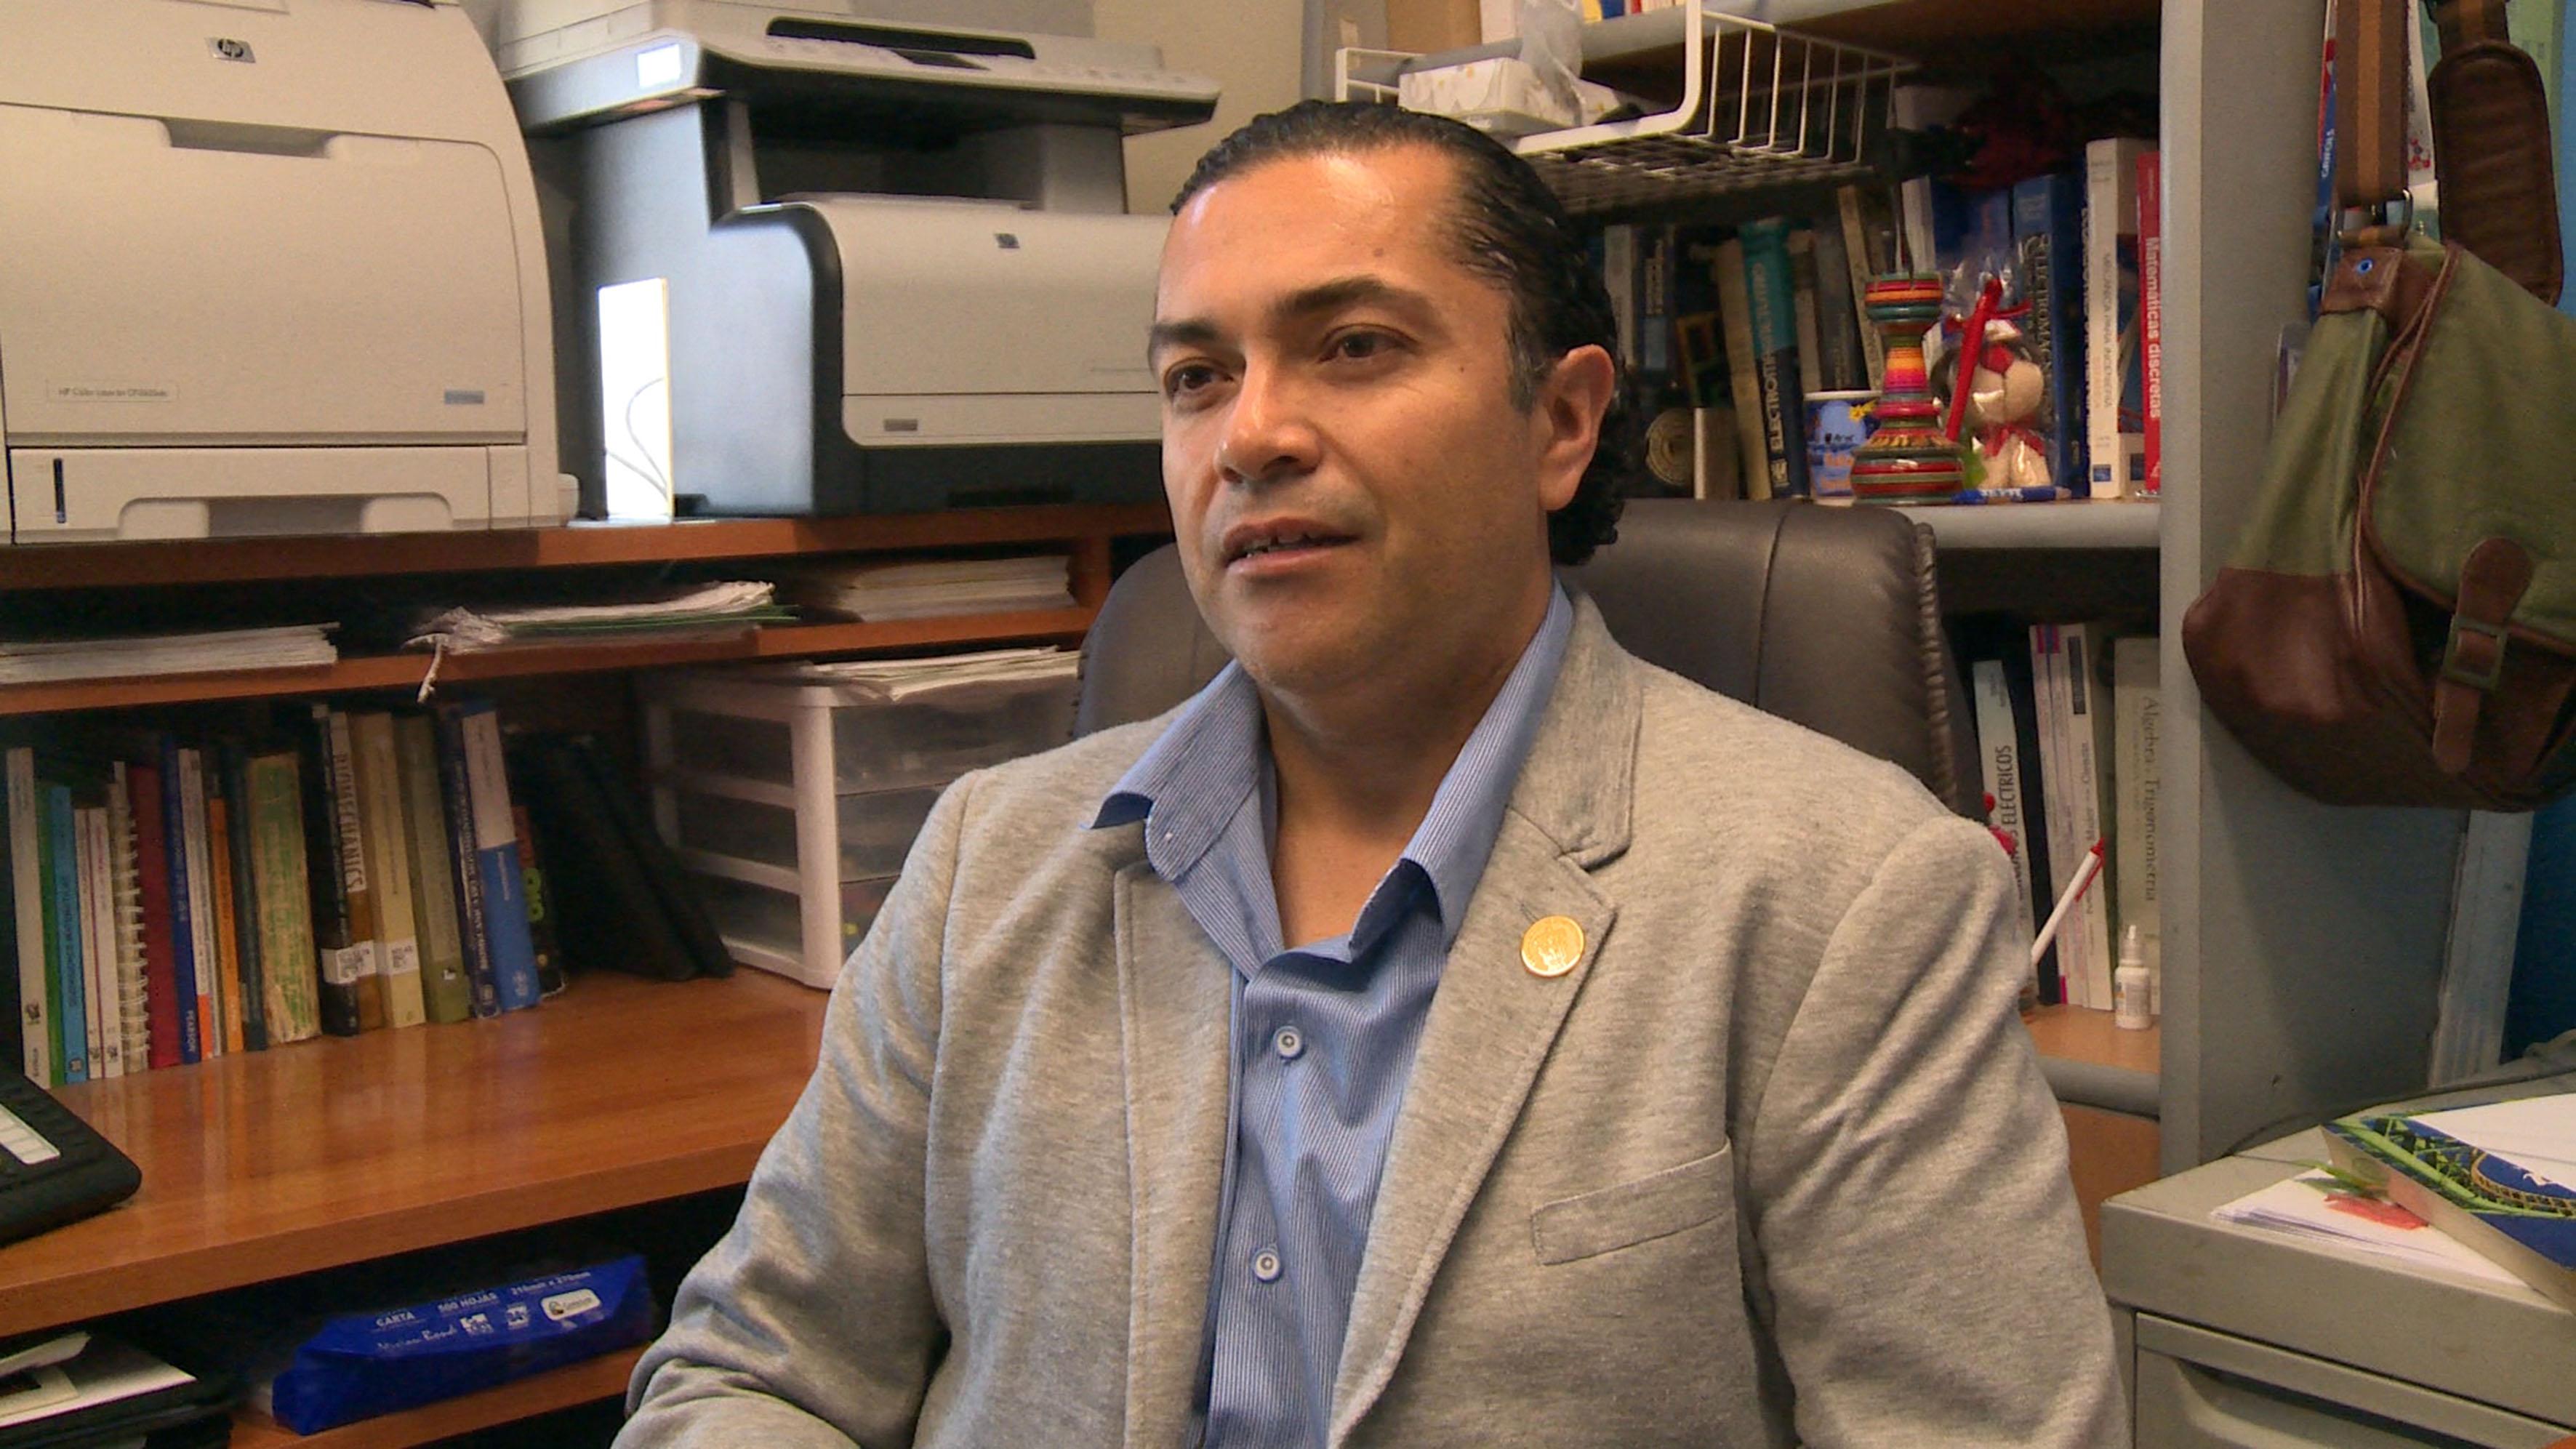 Doctor Rubén Arturo Rodríguez Rojas, académico de Tecnologías de Materiales, del Centro Universitario de los Lagos (CULagos), participando en entrevista.